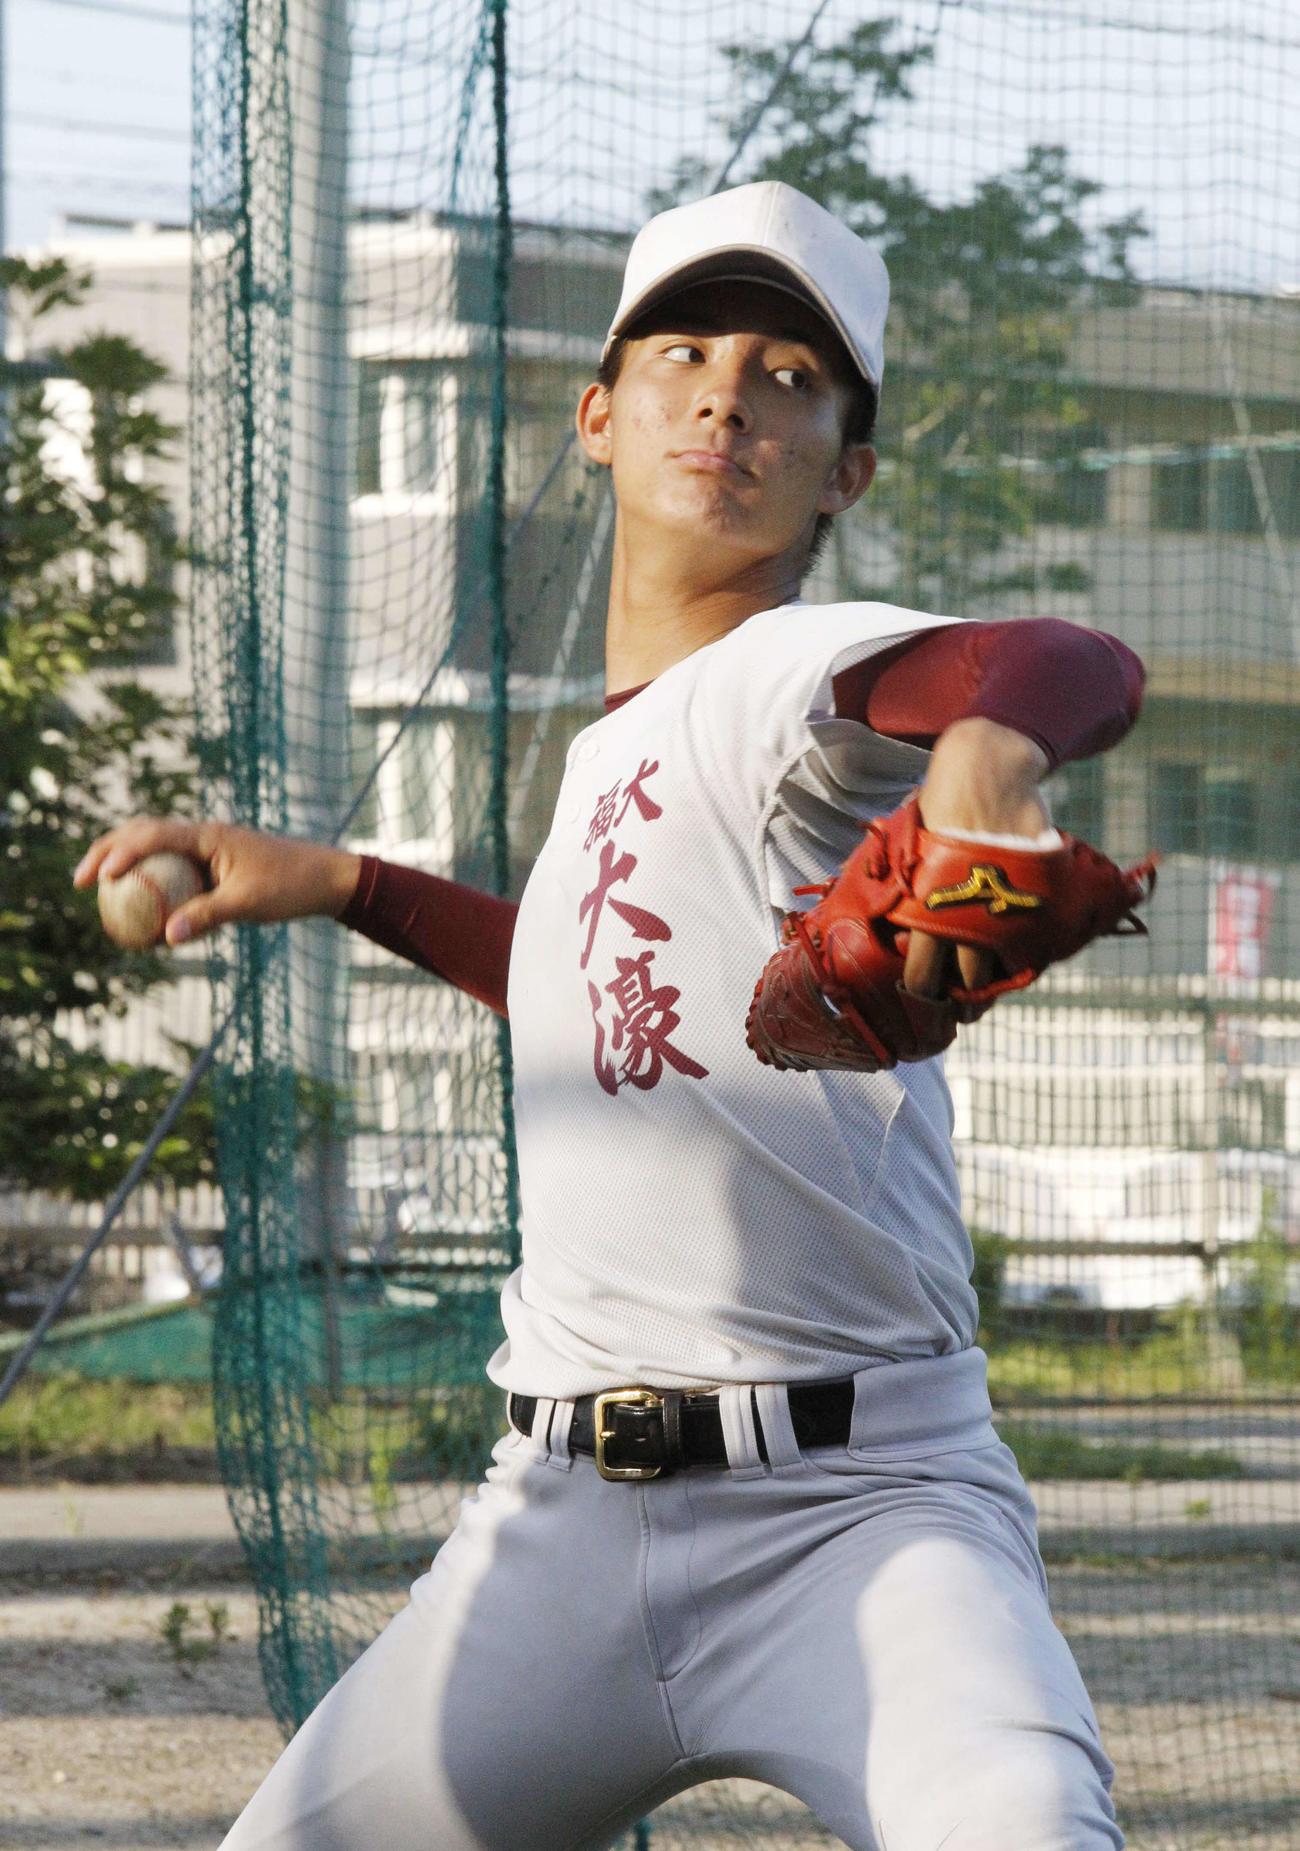 キャッチボールを行う野手兼投手の福岡大大濠・山城